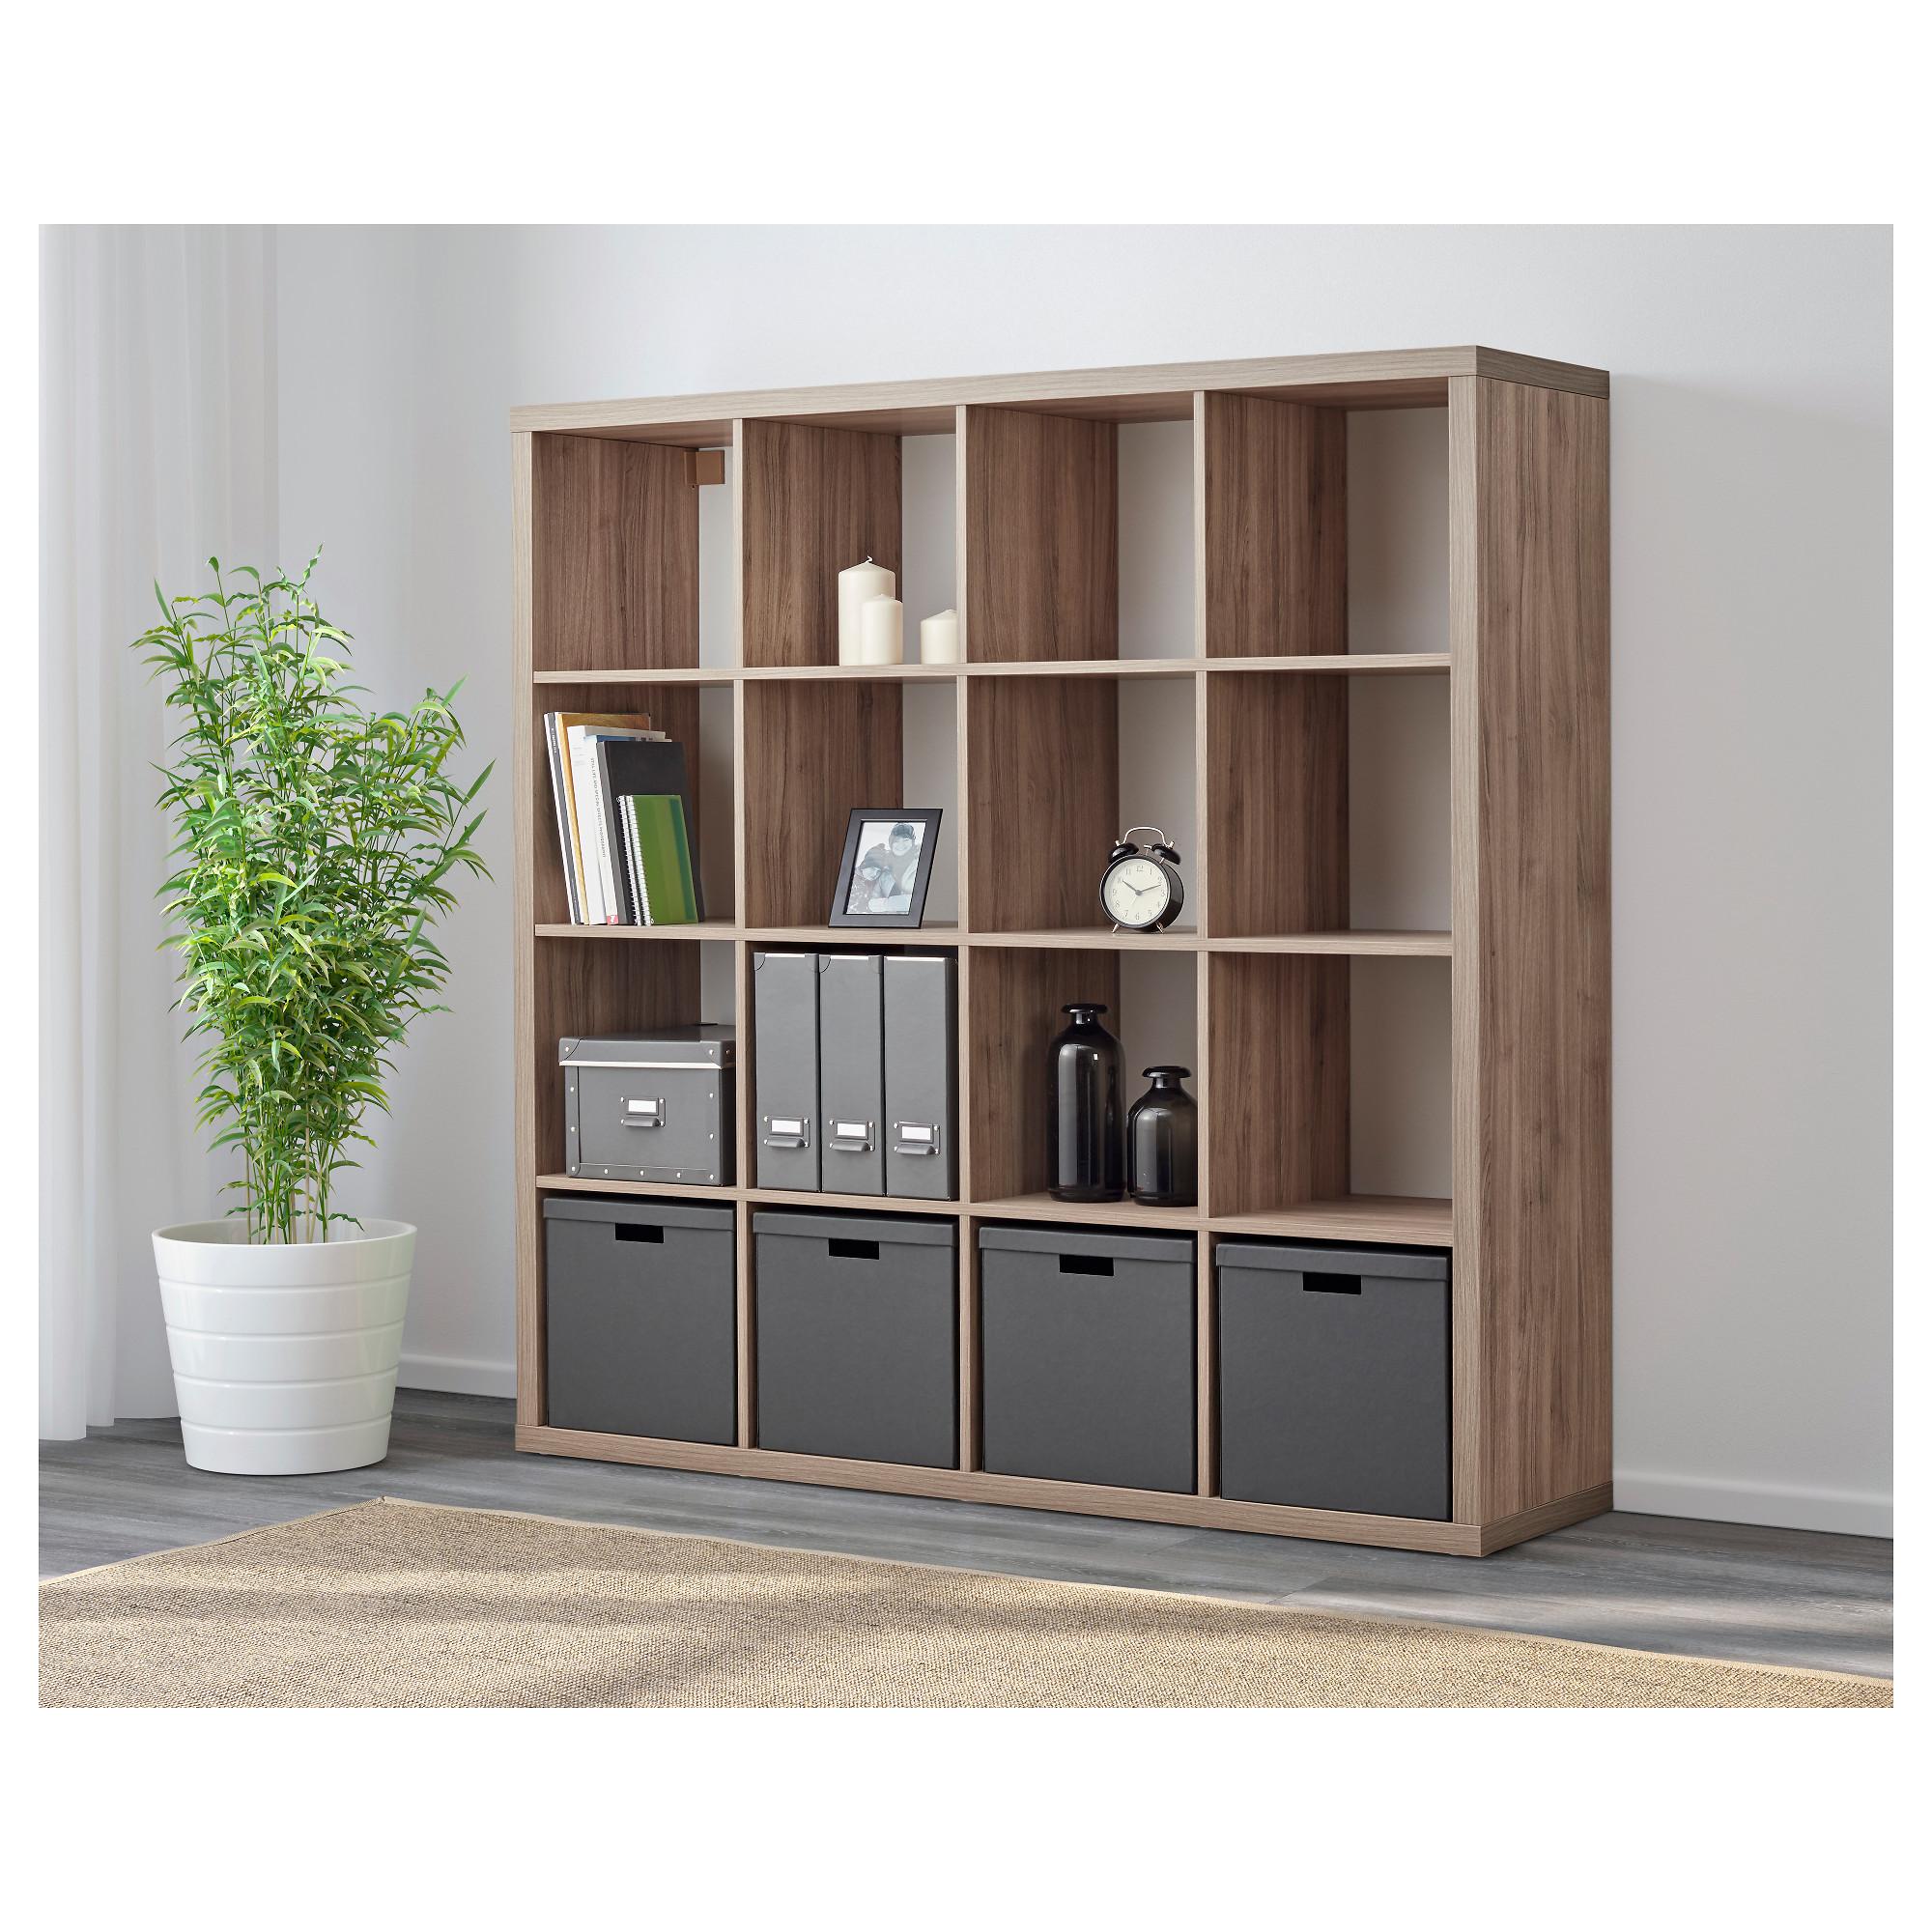 Kallax Shelf Unit White Kallax Shelf Unit Kallax Shelf And  # Meuble Angle Varde Ikea